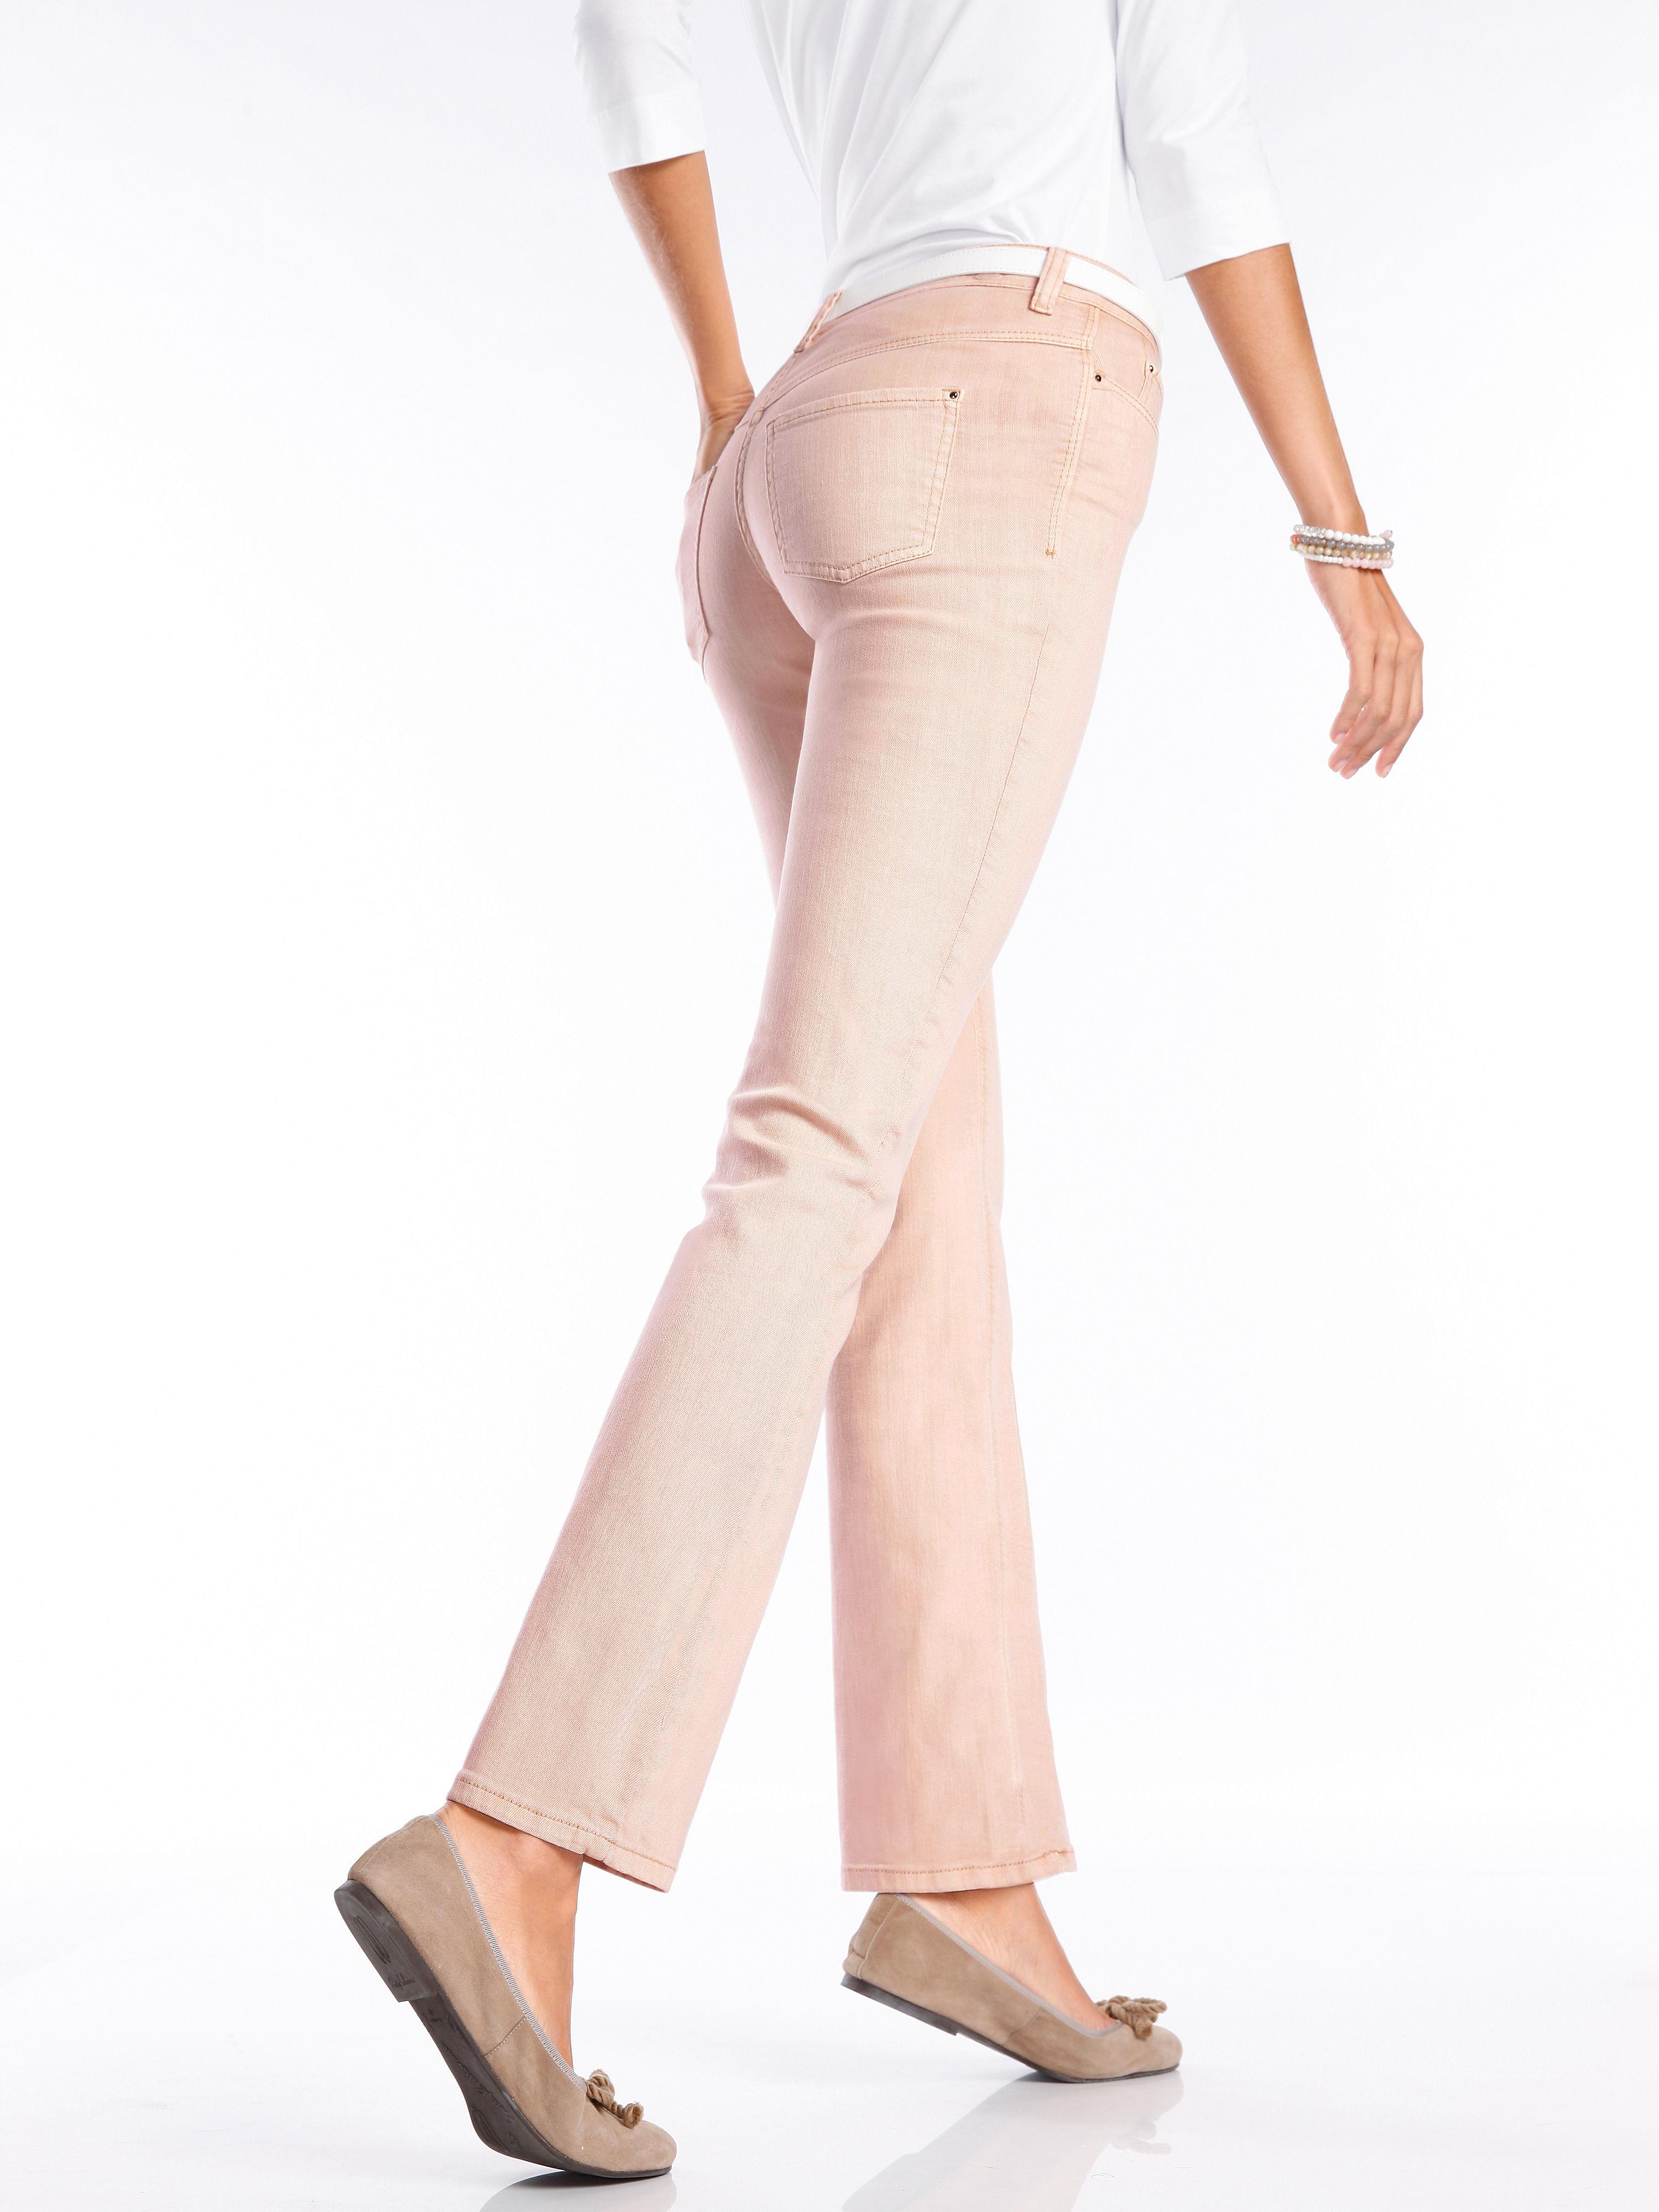 Jeans, inchlengten 30 en 32 Van Mac oranje